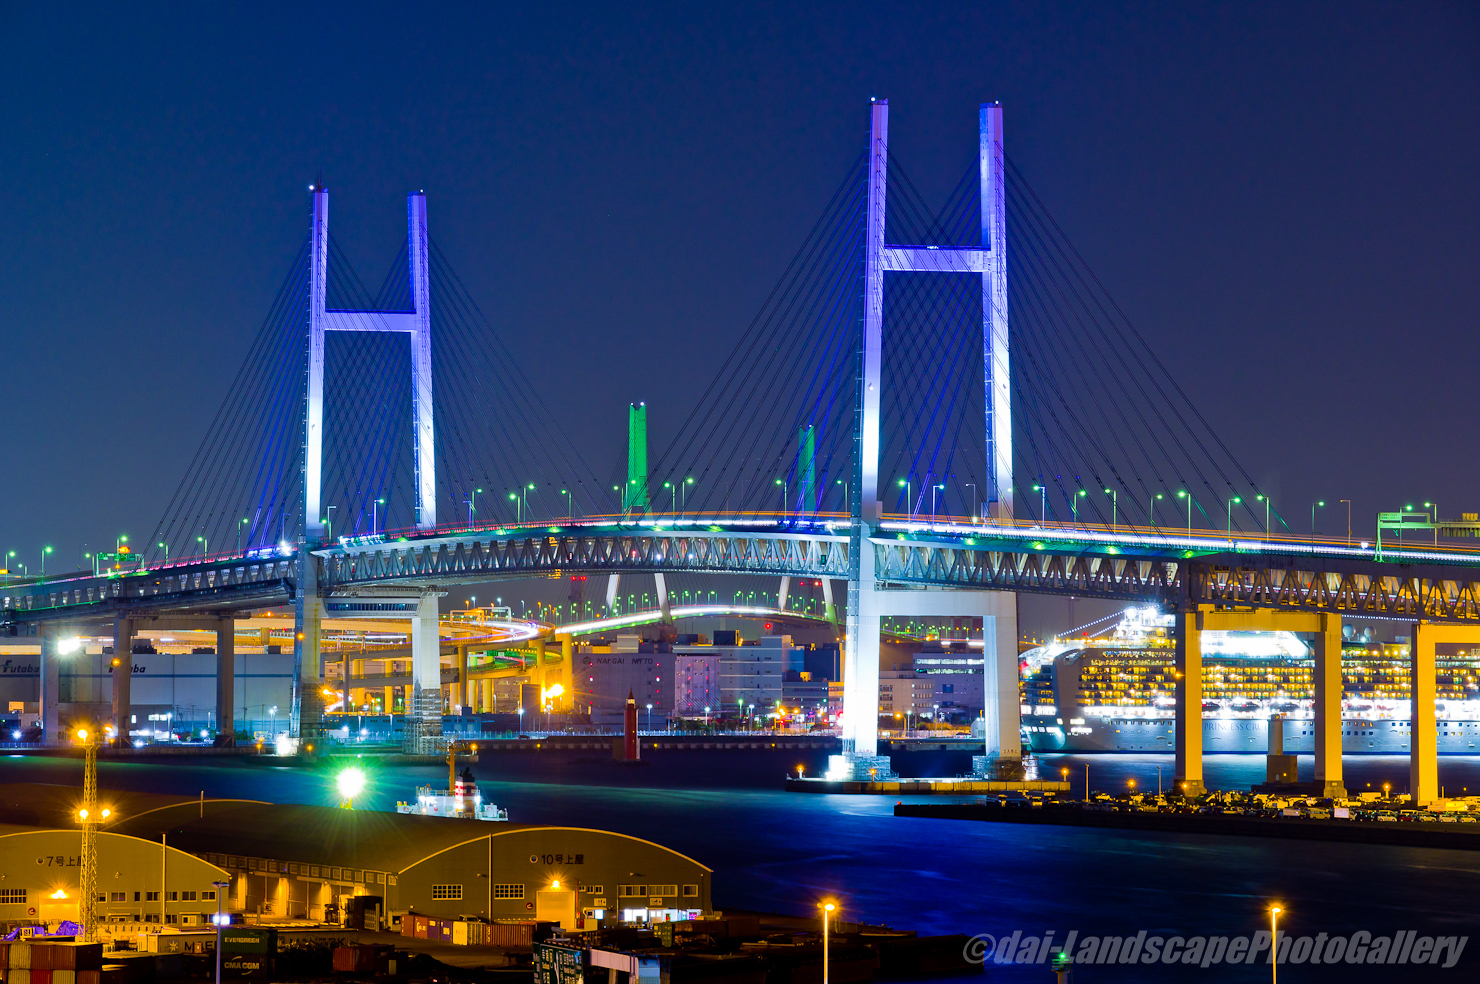 港の見える丘公園展望夜景